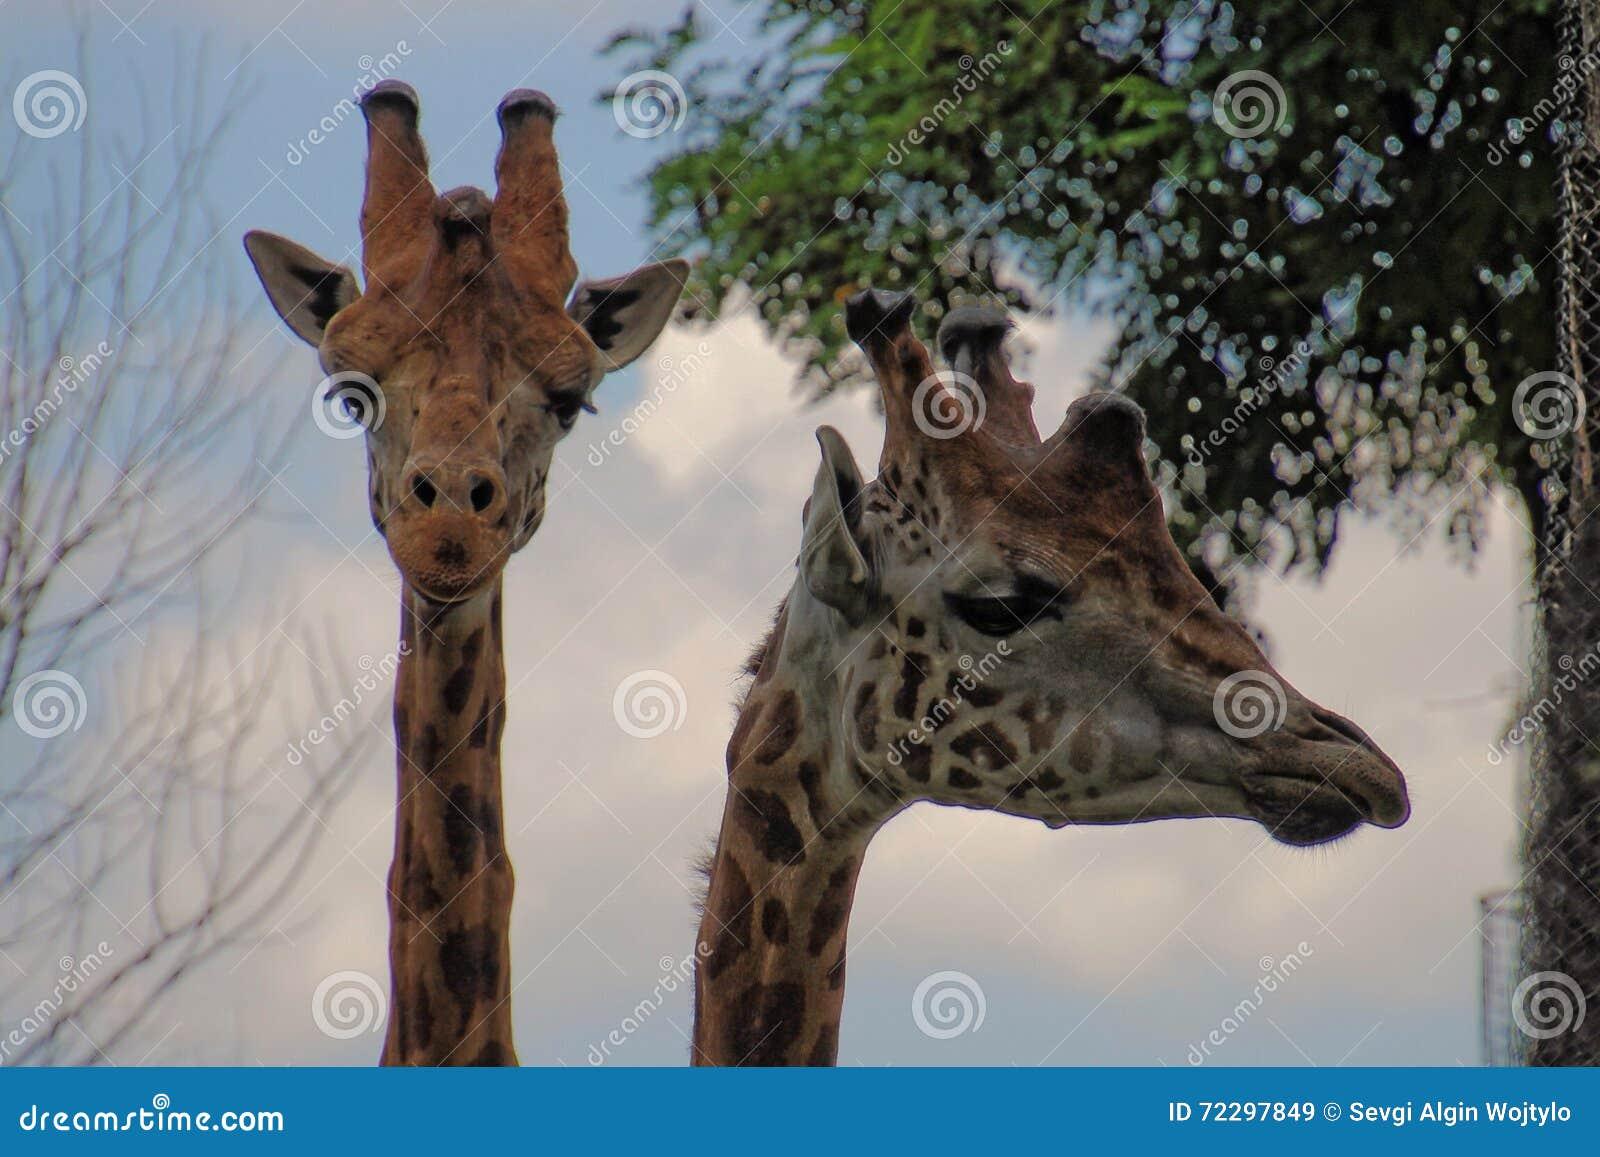 Download Жирафы на зоопарке стоковое изображение. изображение насчитывающей backhoe - 72297849